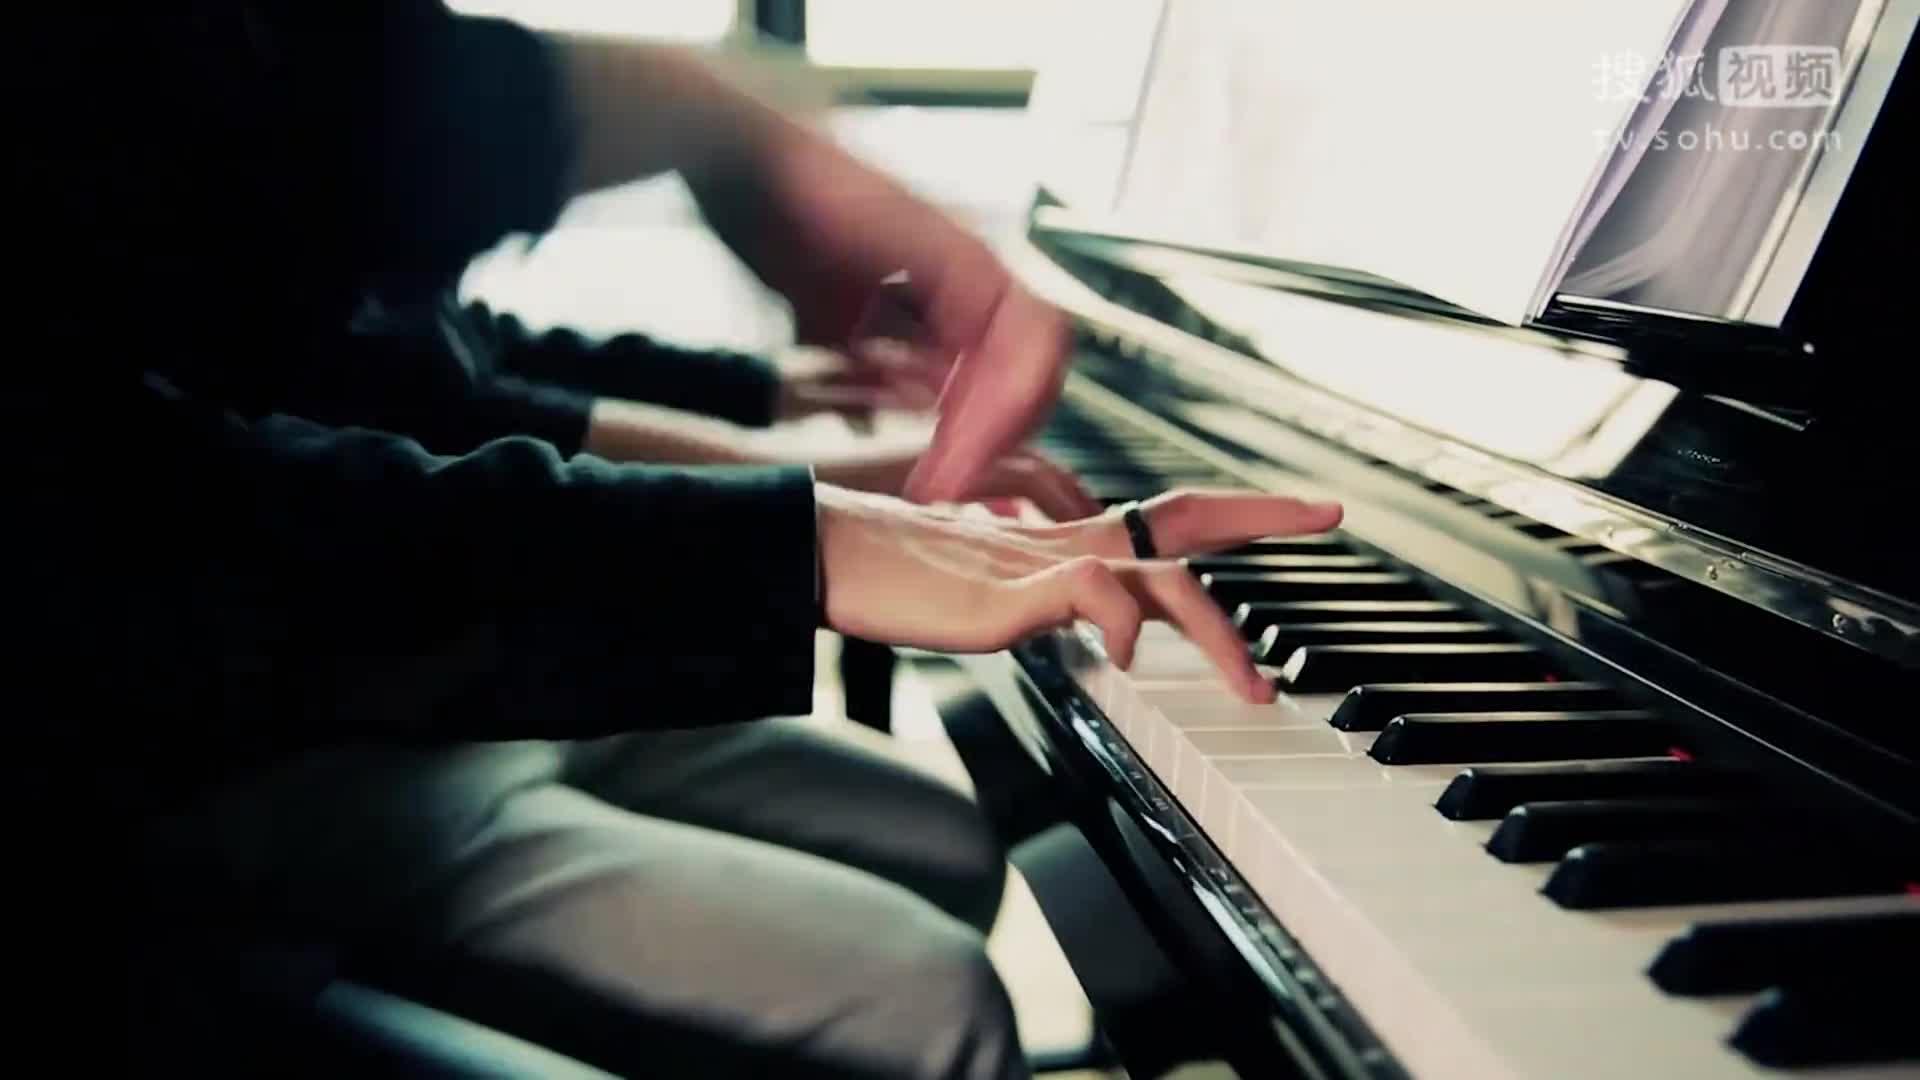 西游记片头曲-钢琴四手联弹图片